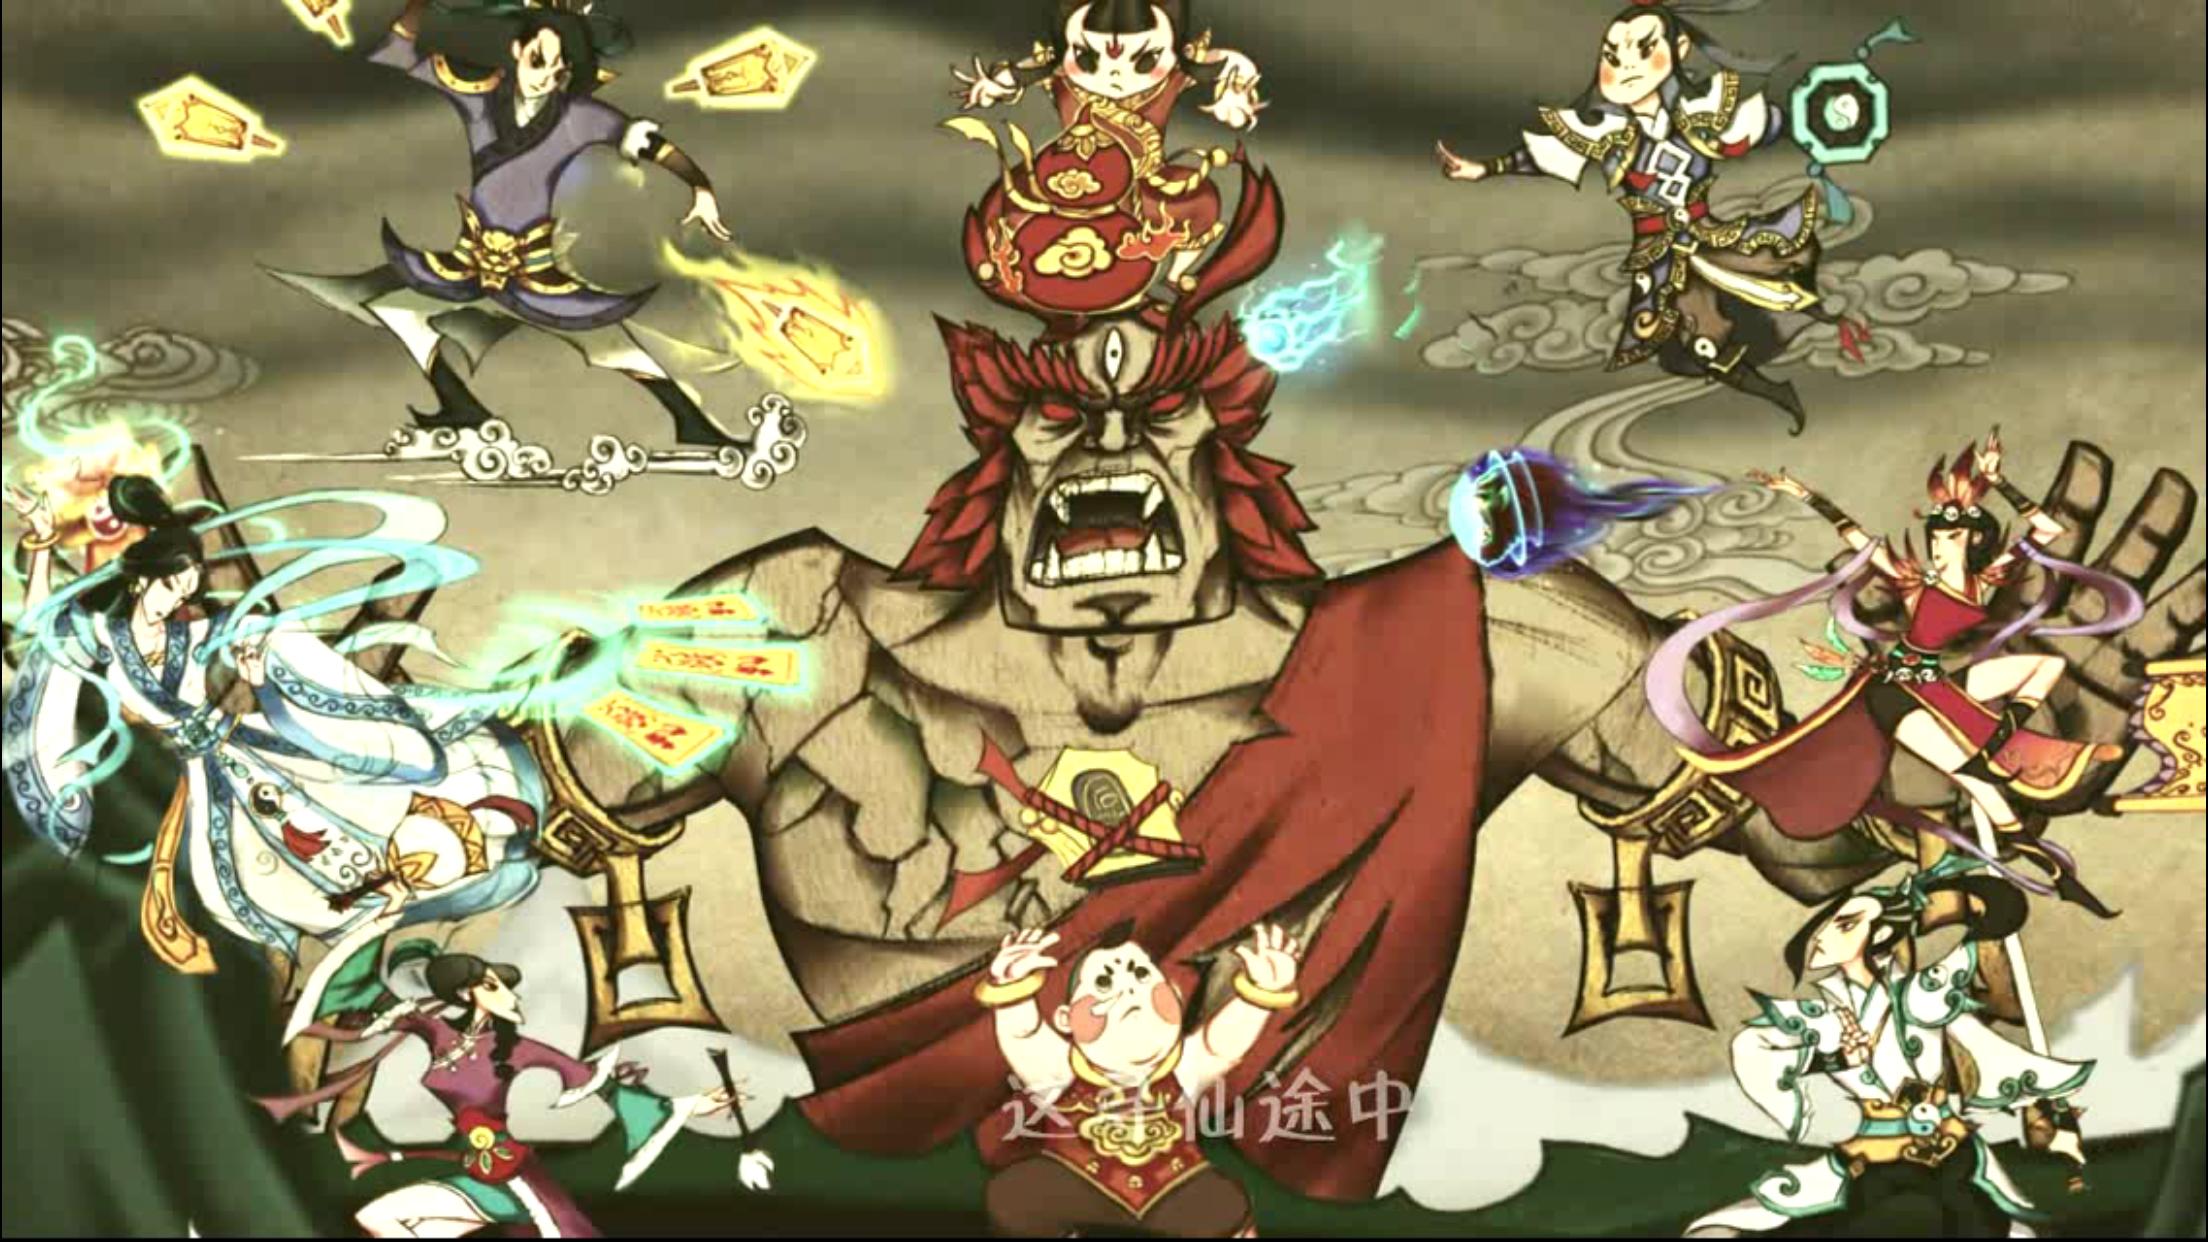 《寻仙》腾讯首款神话飞仙手游37